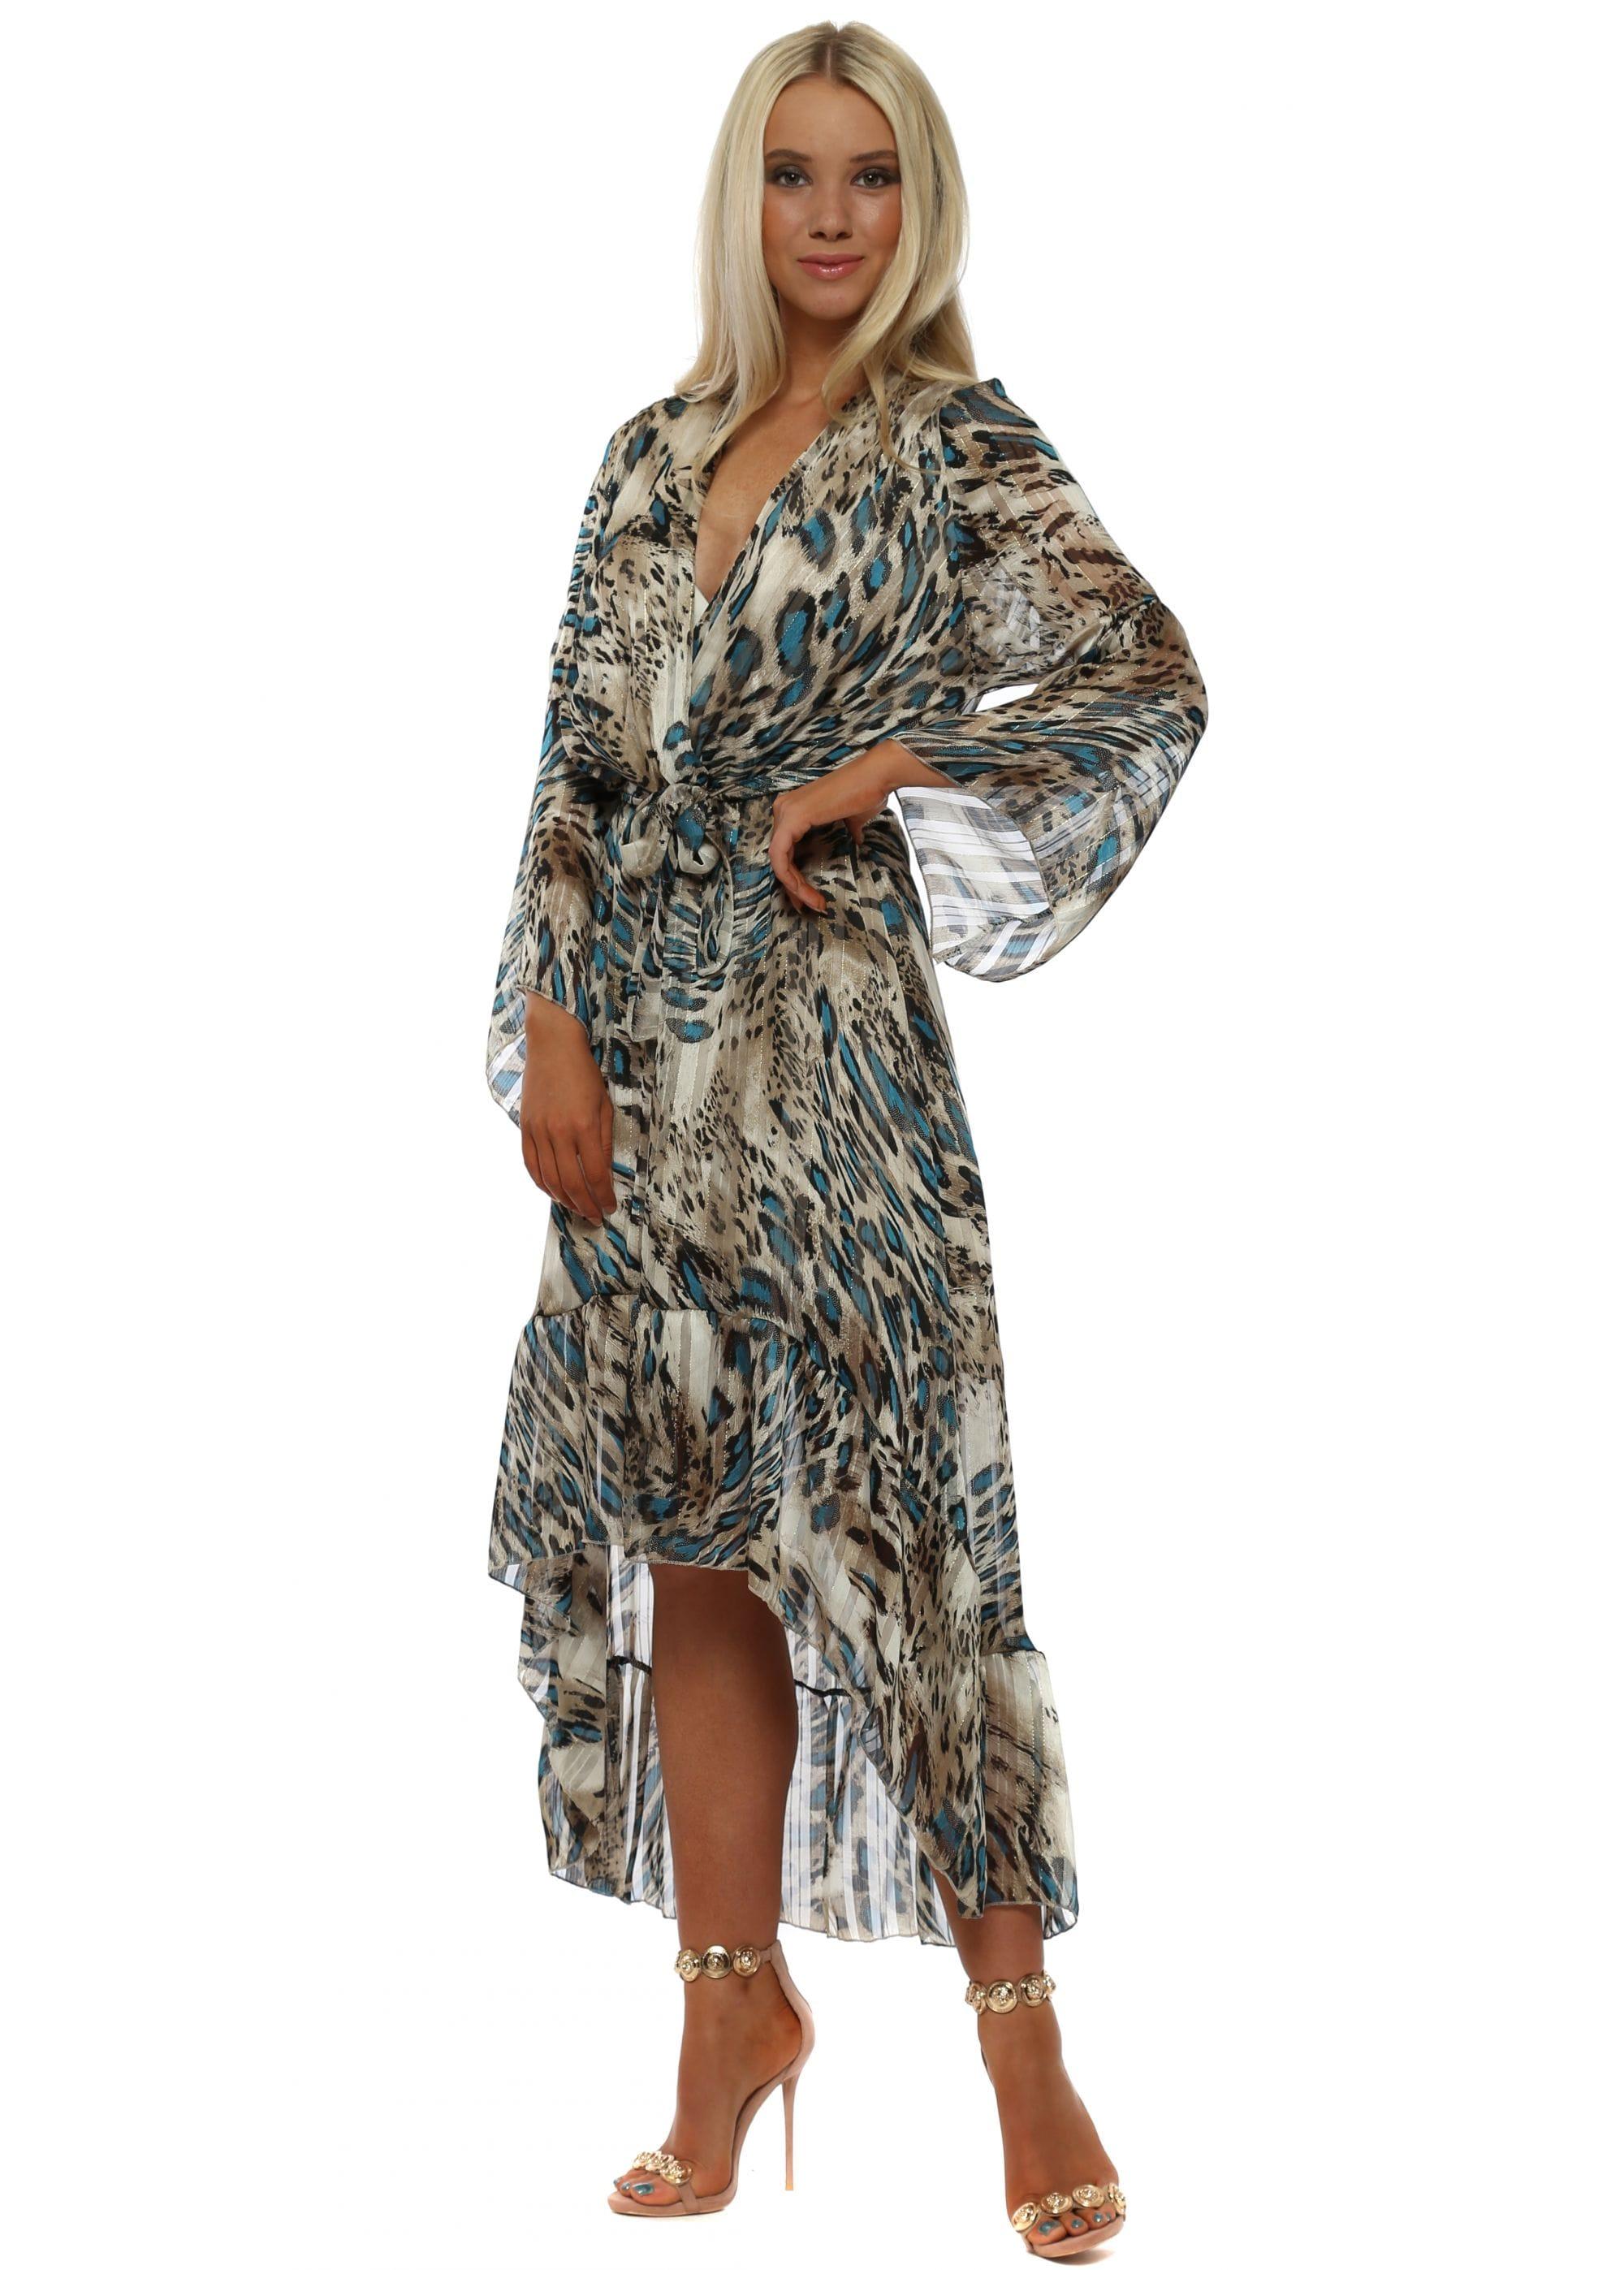 db77fc65ed4 Port Blue Leopard Print Wrap Front Frill Midi Dress